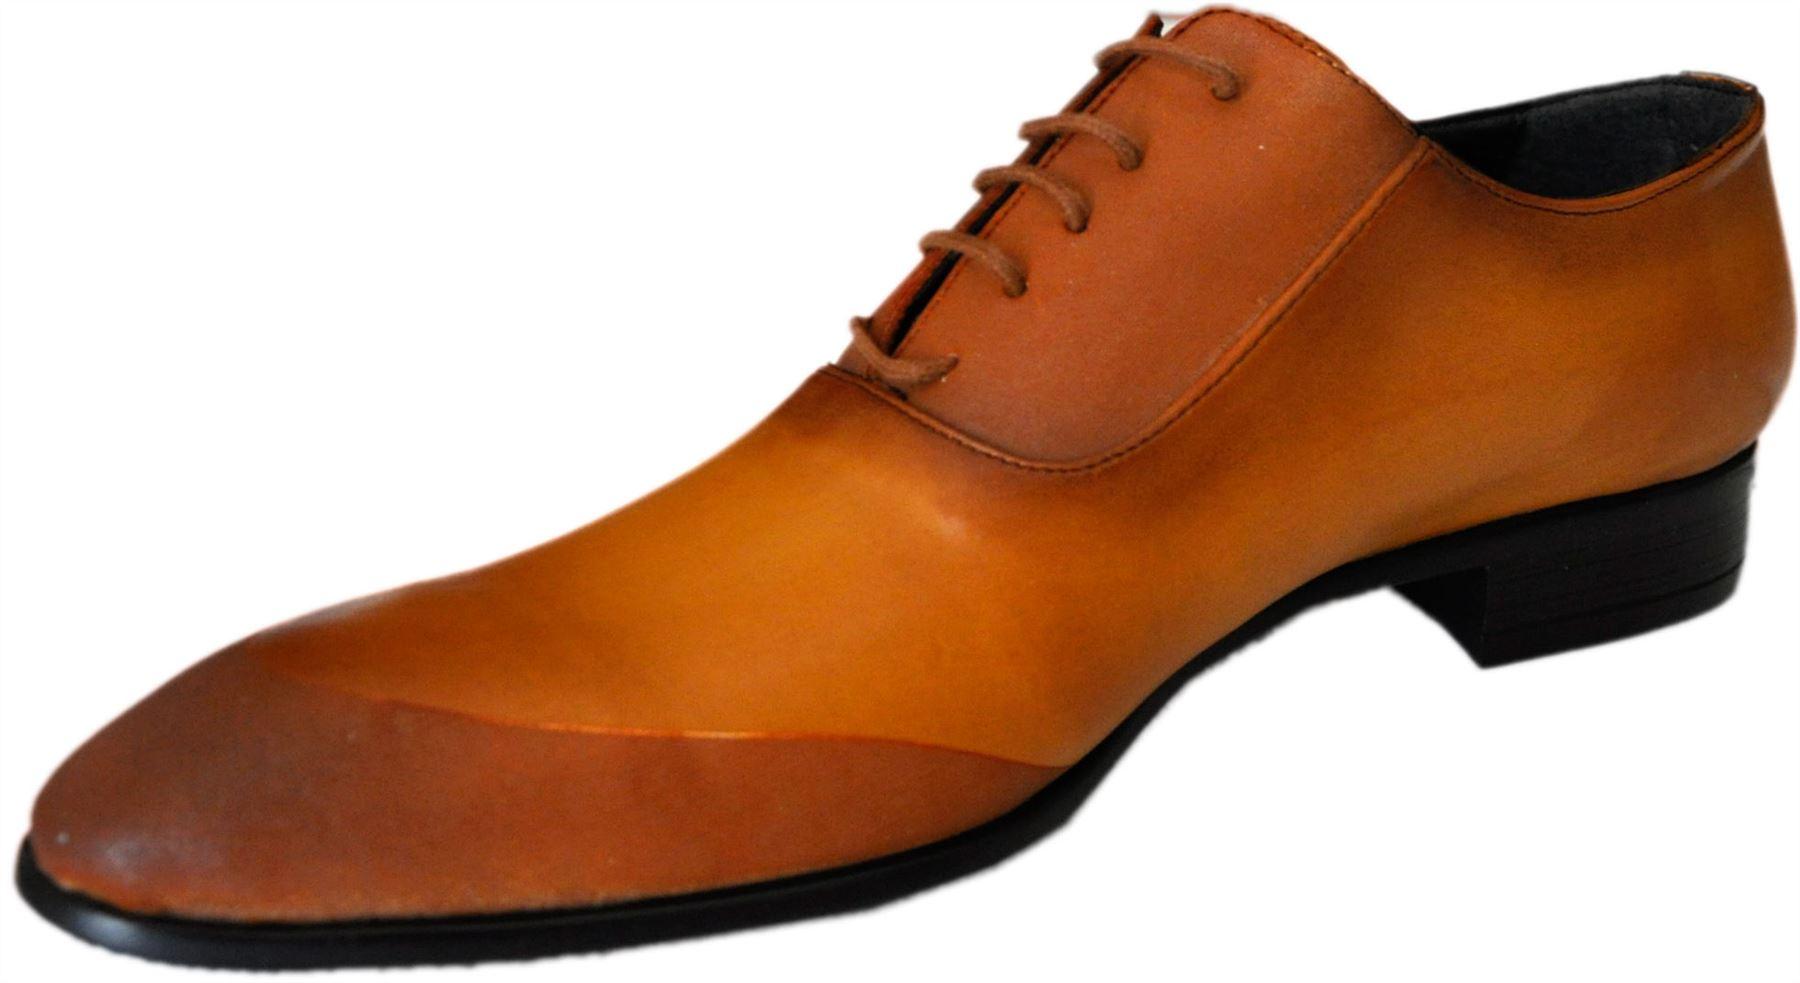 Tamboga-Chaussures-marron-et-camel-a-lacets-922mink-